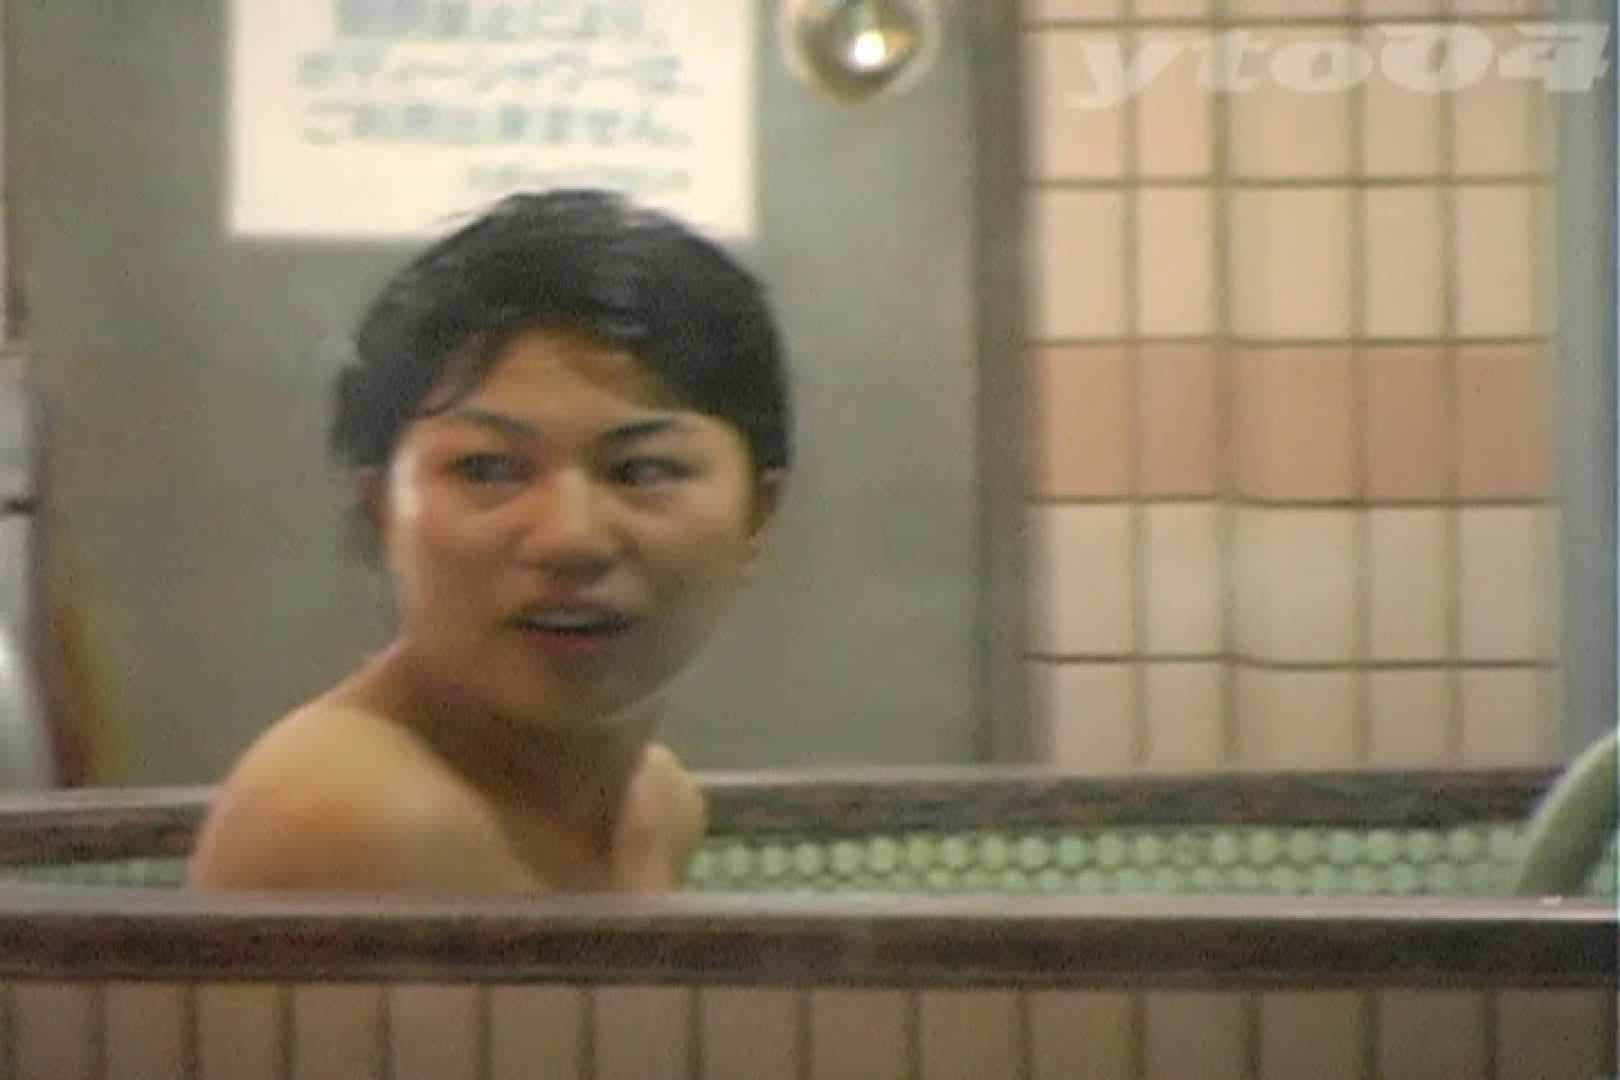 ▲復活限定▲合宿ホテル女風呂盗撮 Vol.24 OLのボディ | 盗撮名作  50PIX 19